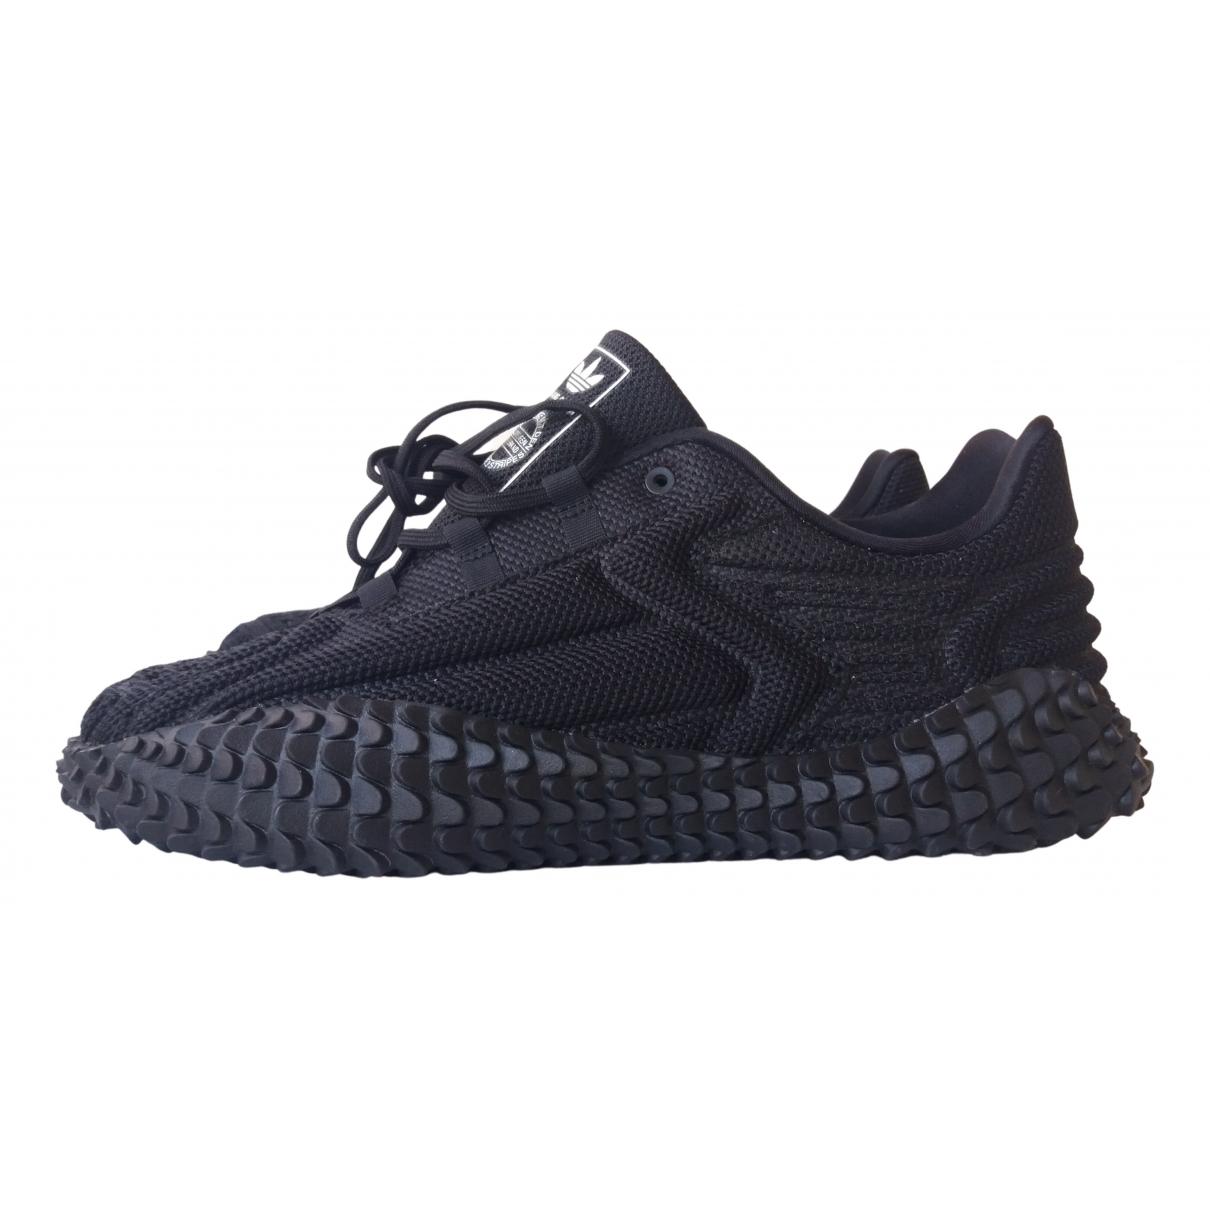 Adidas X Craig Green - Baskets   pour homme - noir